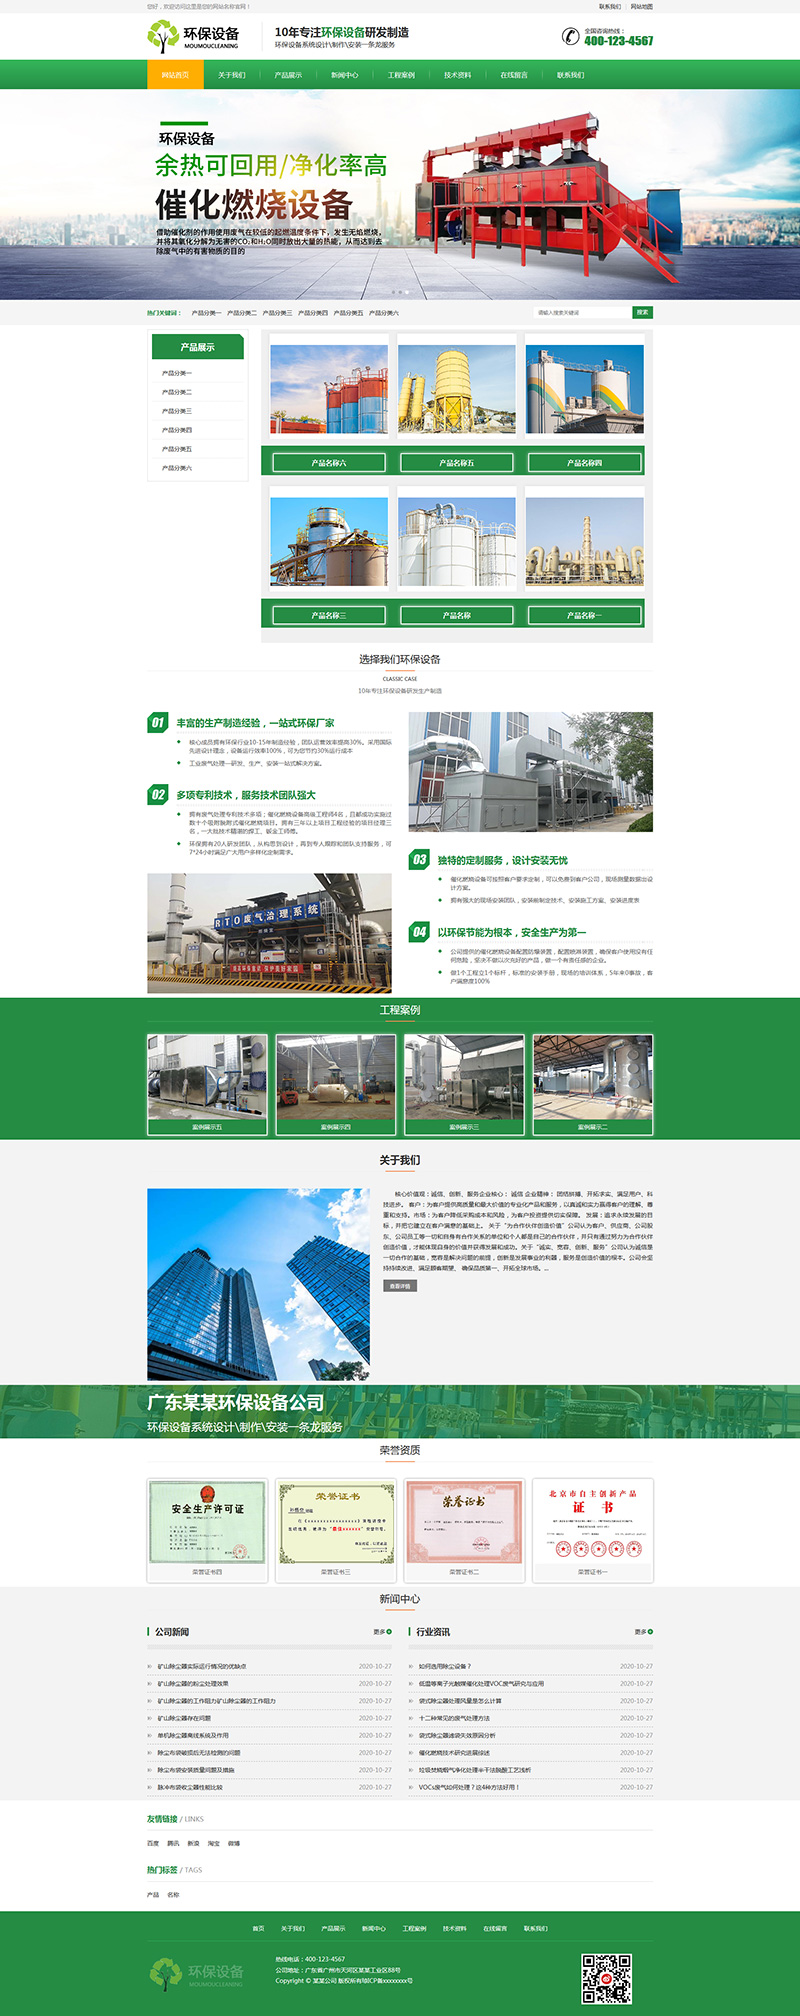 响应式环保废气处理环保设备网站模板-11068